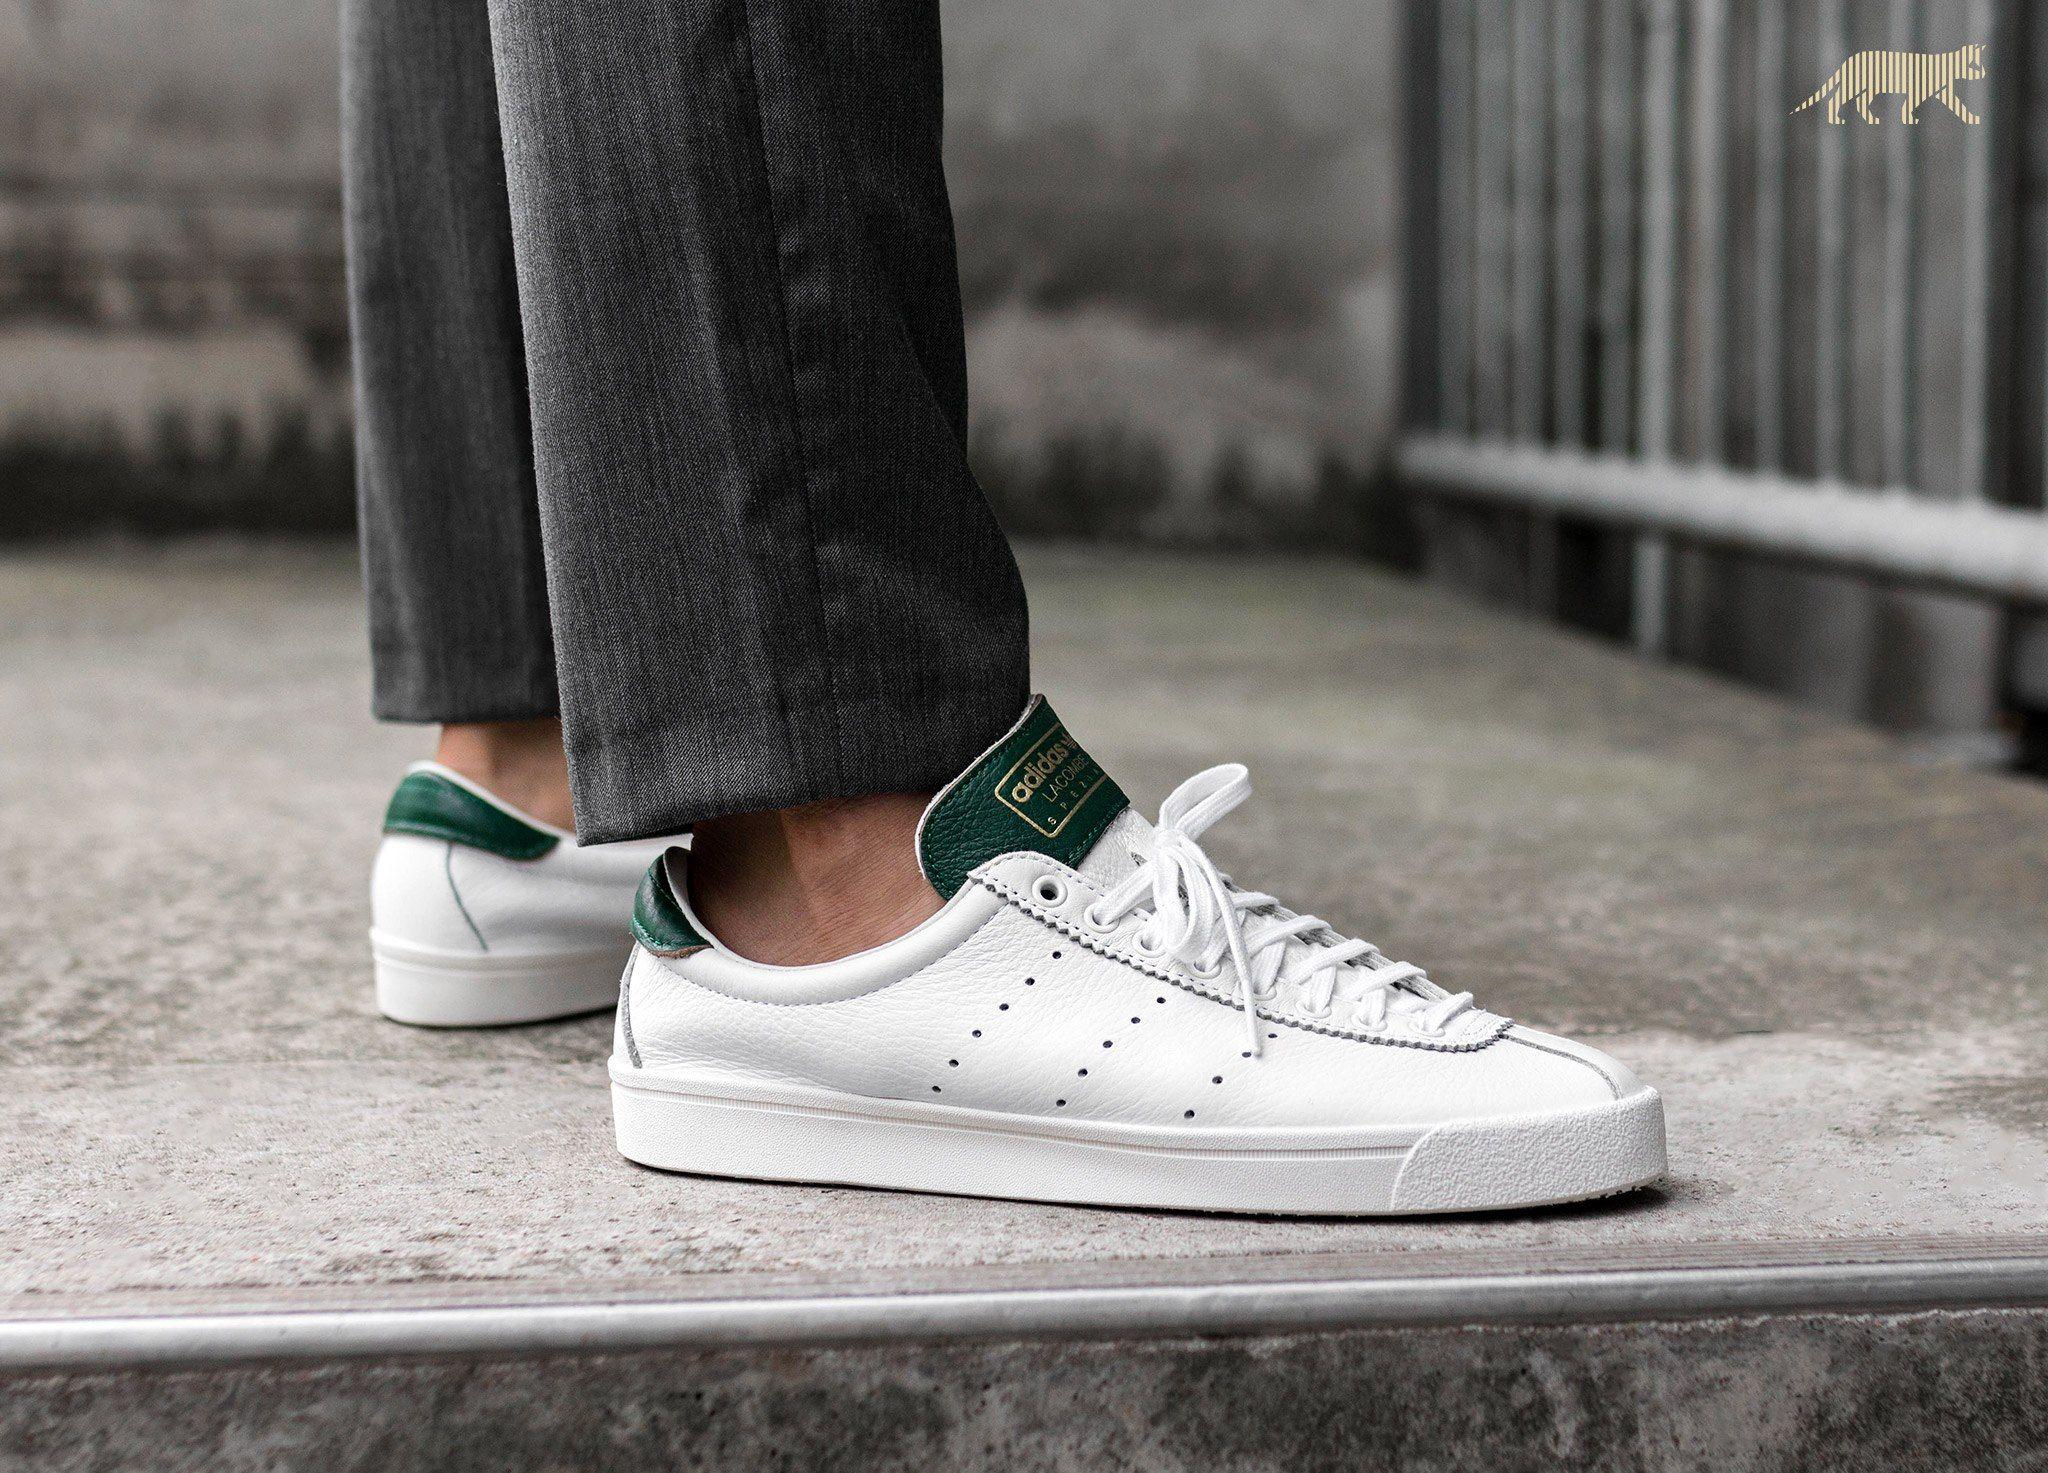 adidas Originals Lacombe SPZL | Sneakers: adidas Spezial in